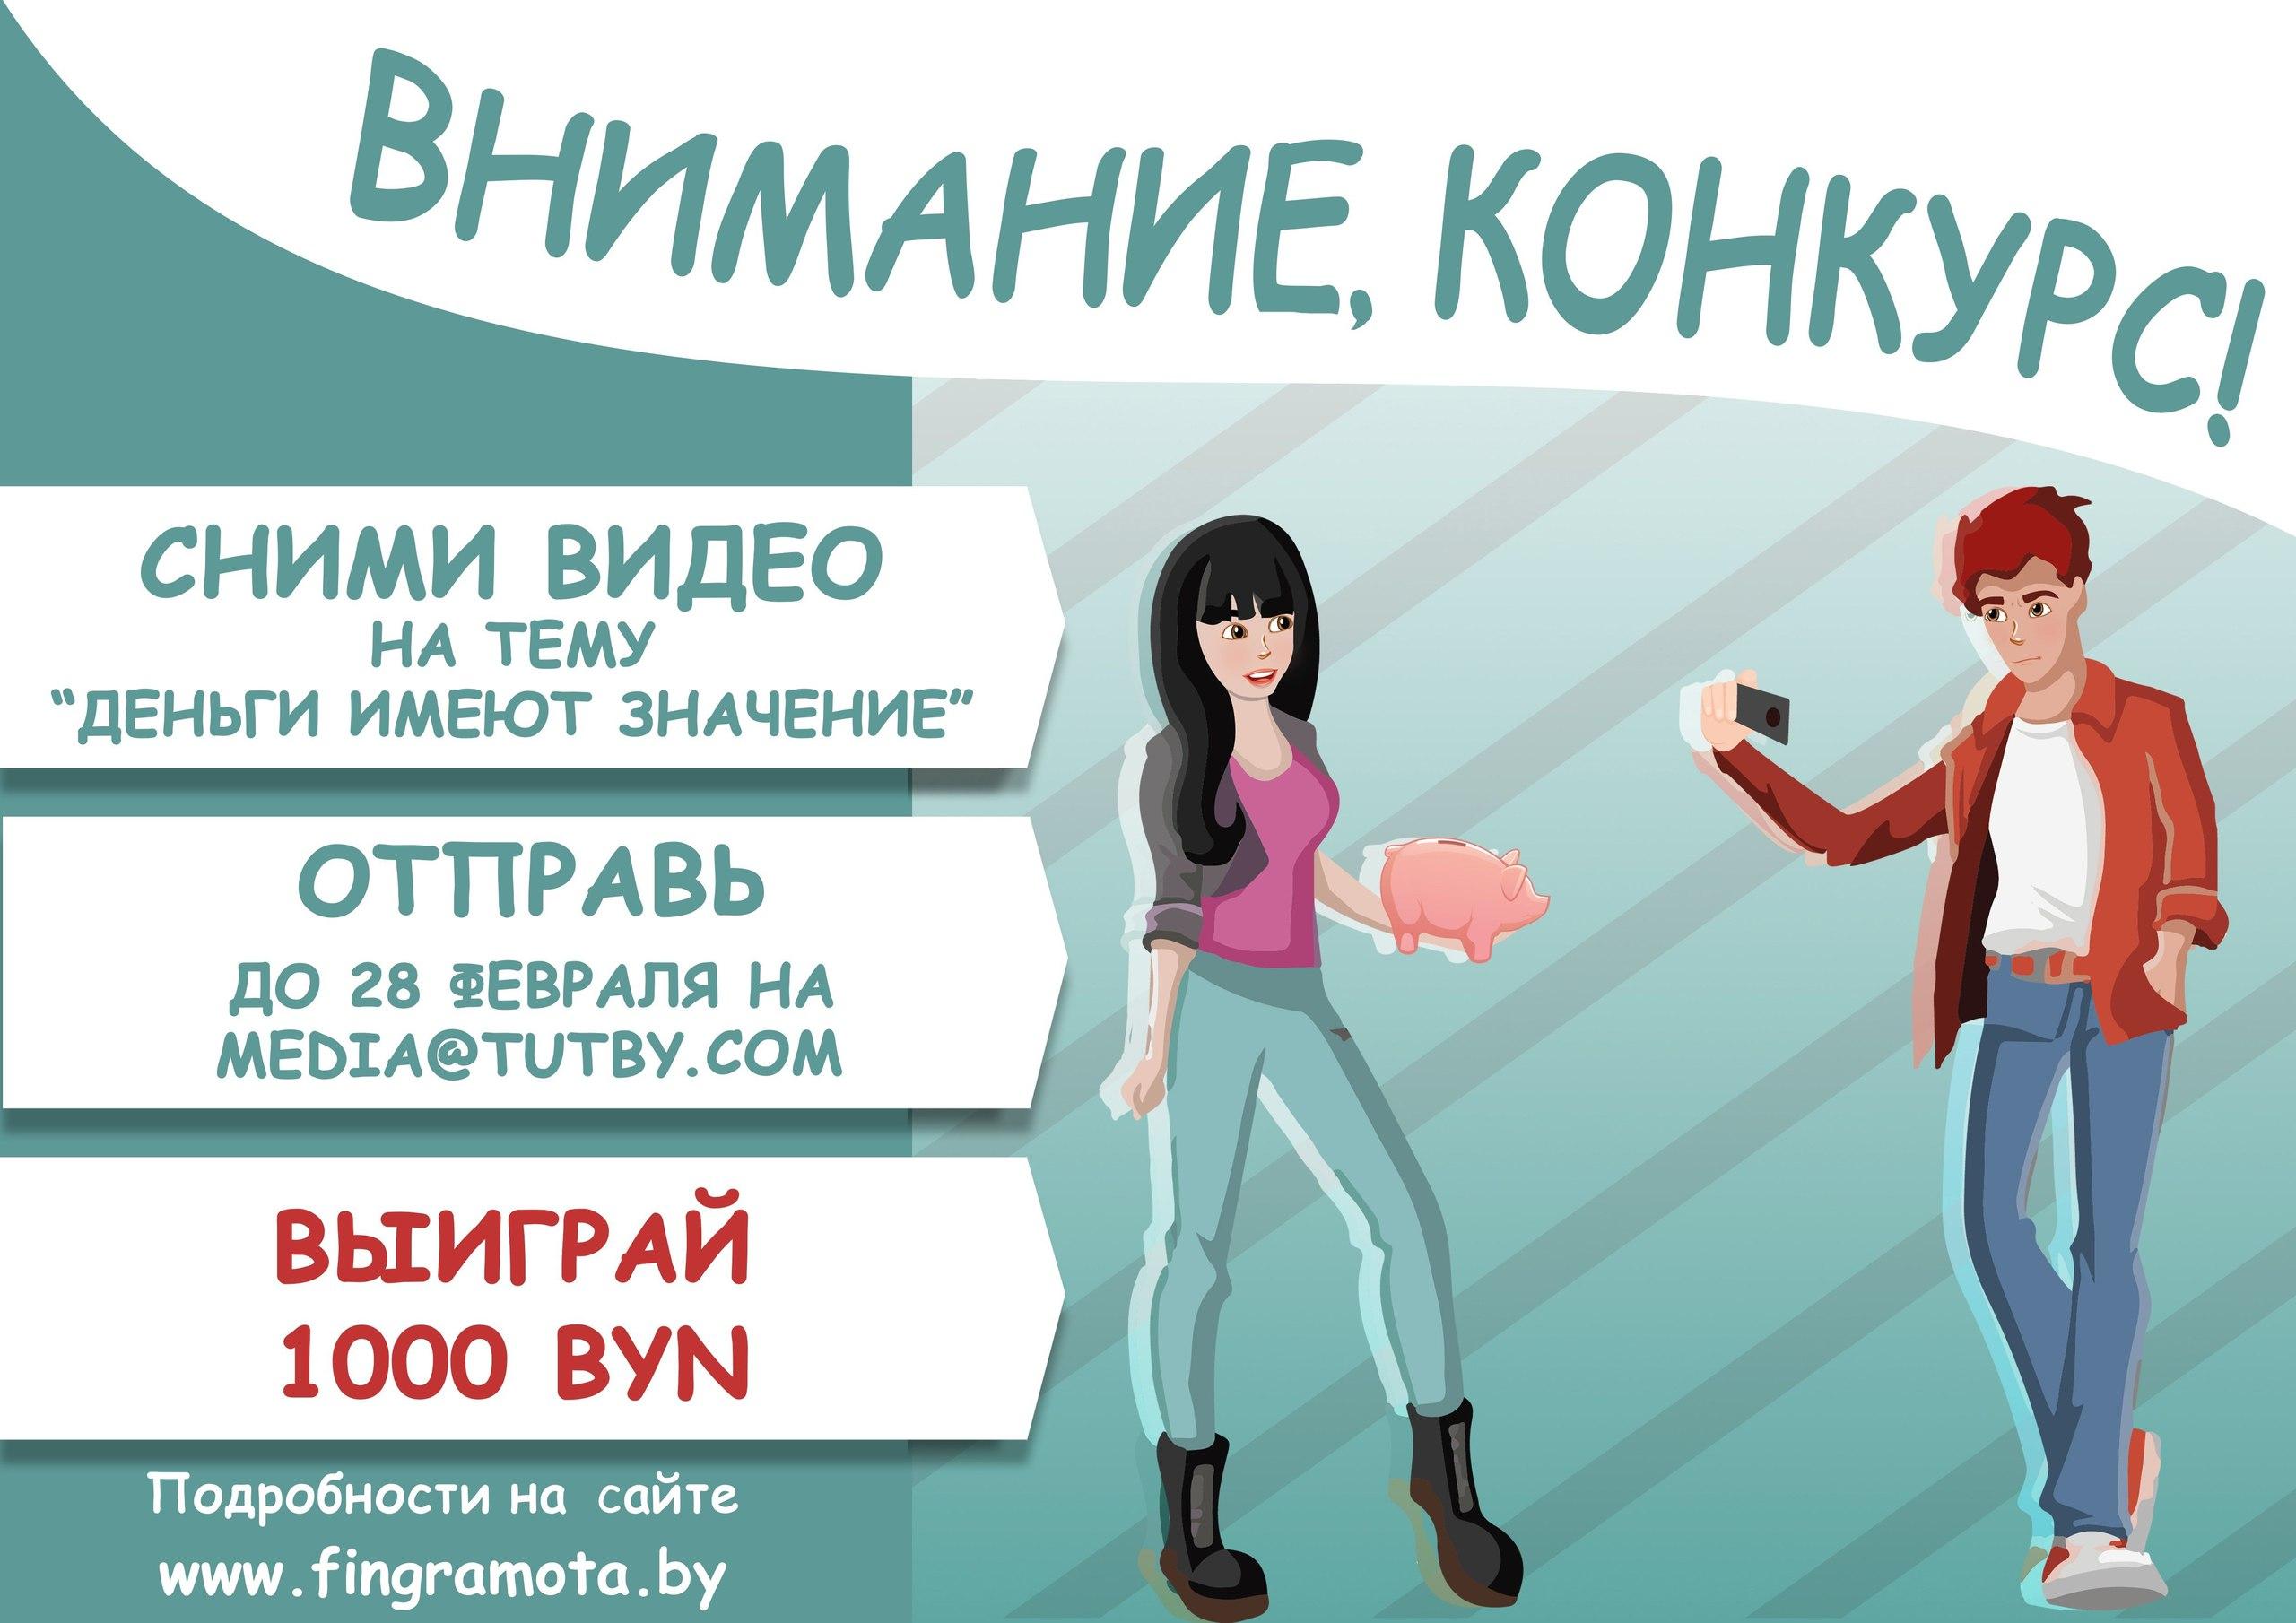 Национальный банк проводит конкурс видеоблогеров